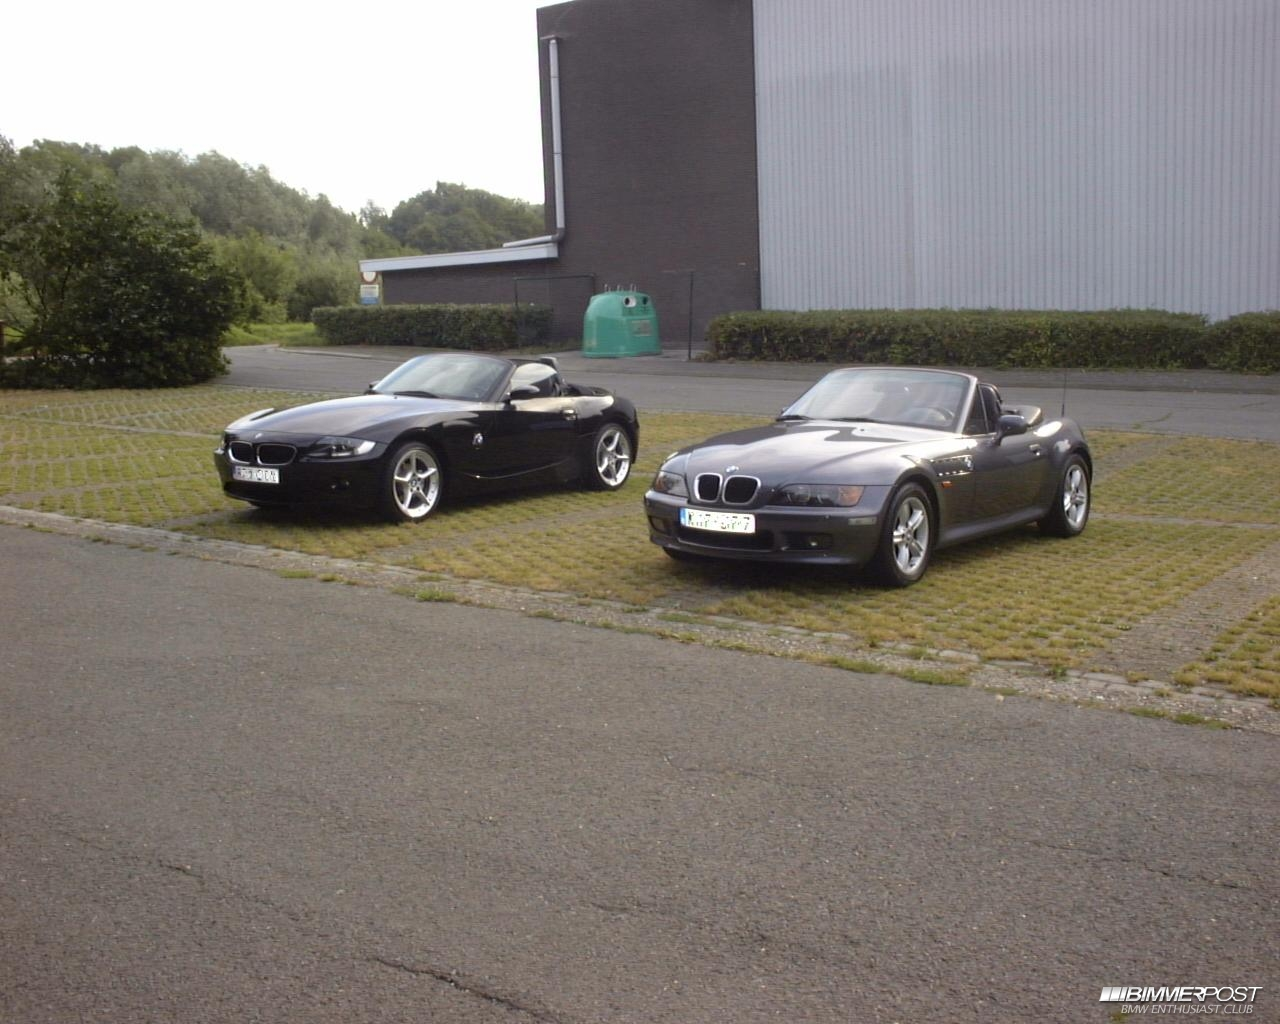 Moneyfor S 1999 Bmw Z3 E36 1 9i Bimmerpost Garage